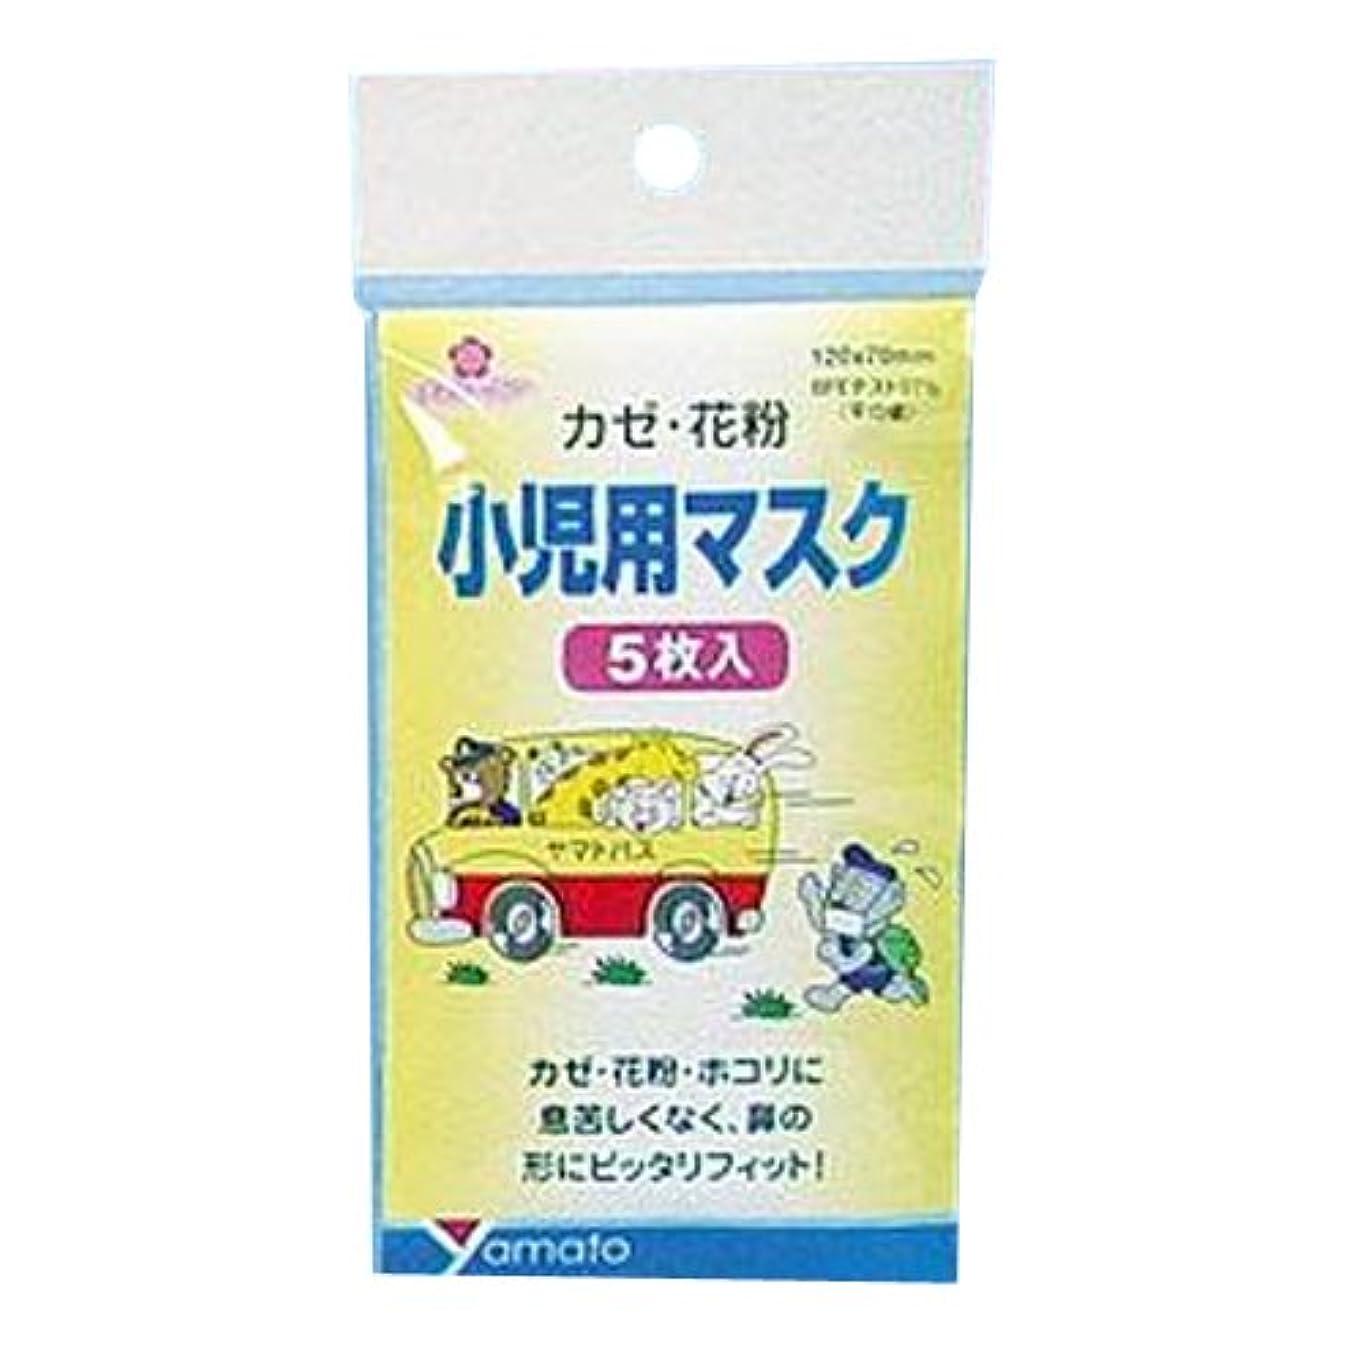 センブランスいつ生きるヤマト チェリーケア 小児用マスク 吊下げ袋 5枚入×10セット 640598